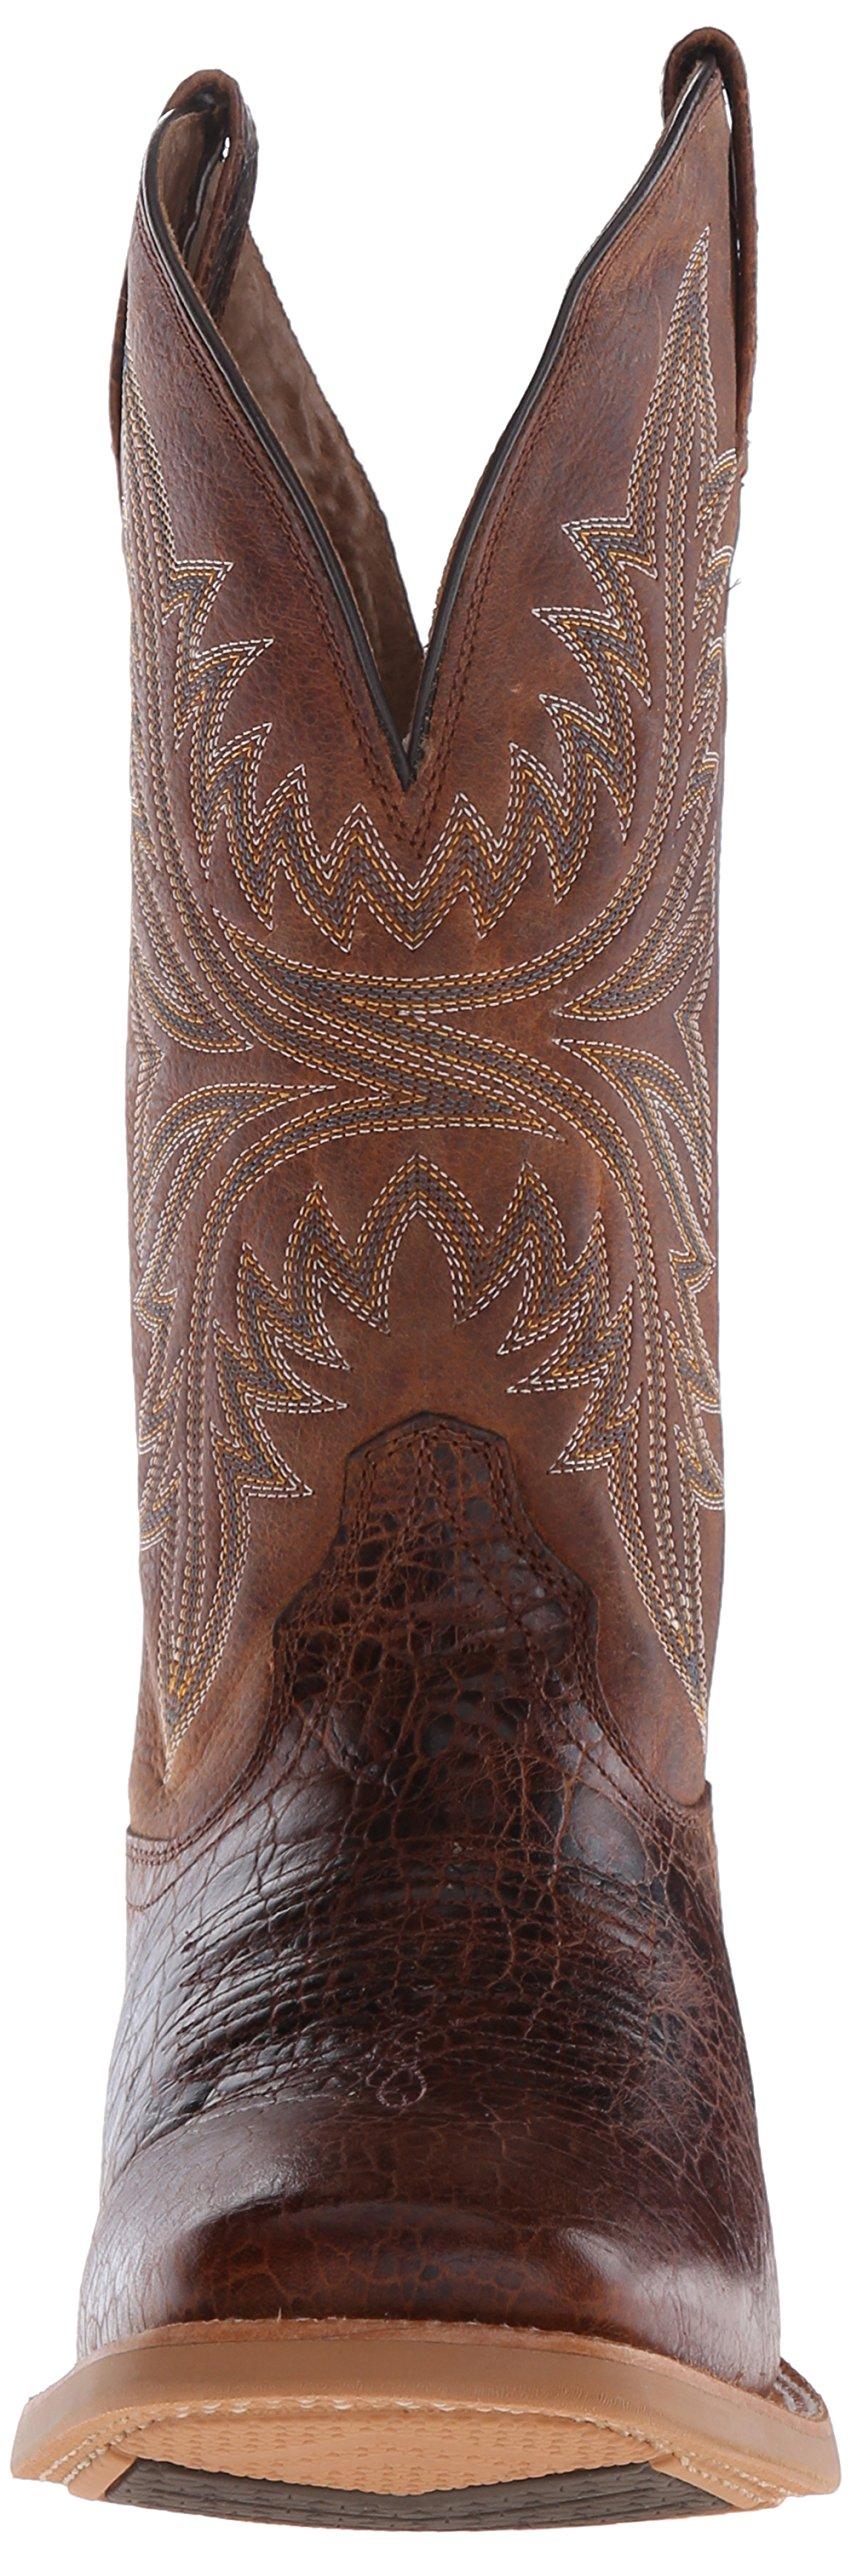 Peón Peón Peón Western Cowboy Ariat Para Hombre Bota, Adobe CLA-elegir talla Color 0fec80